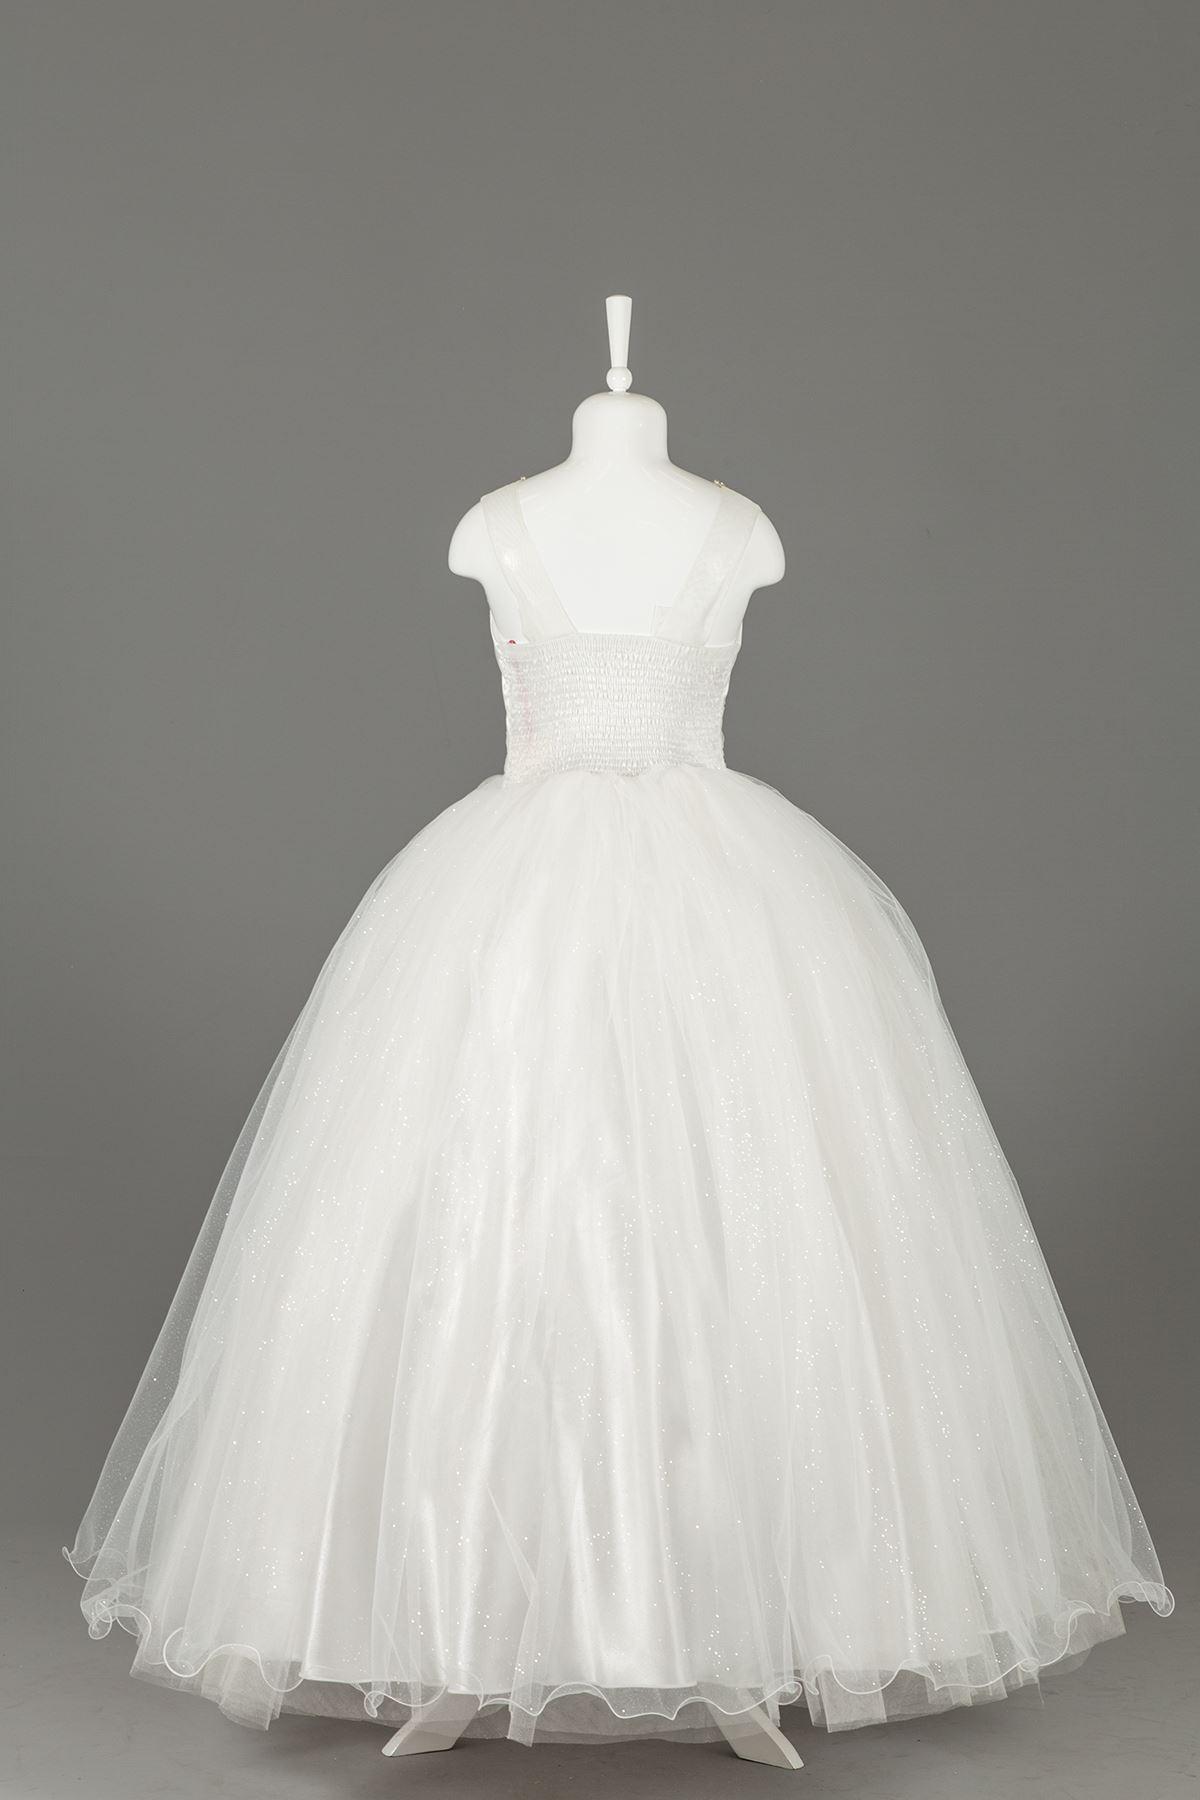 אבן שמלה ארוכה עם טול פלאפי שמלת ערב 592 קרם